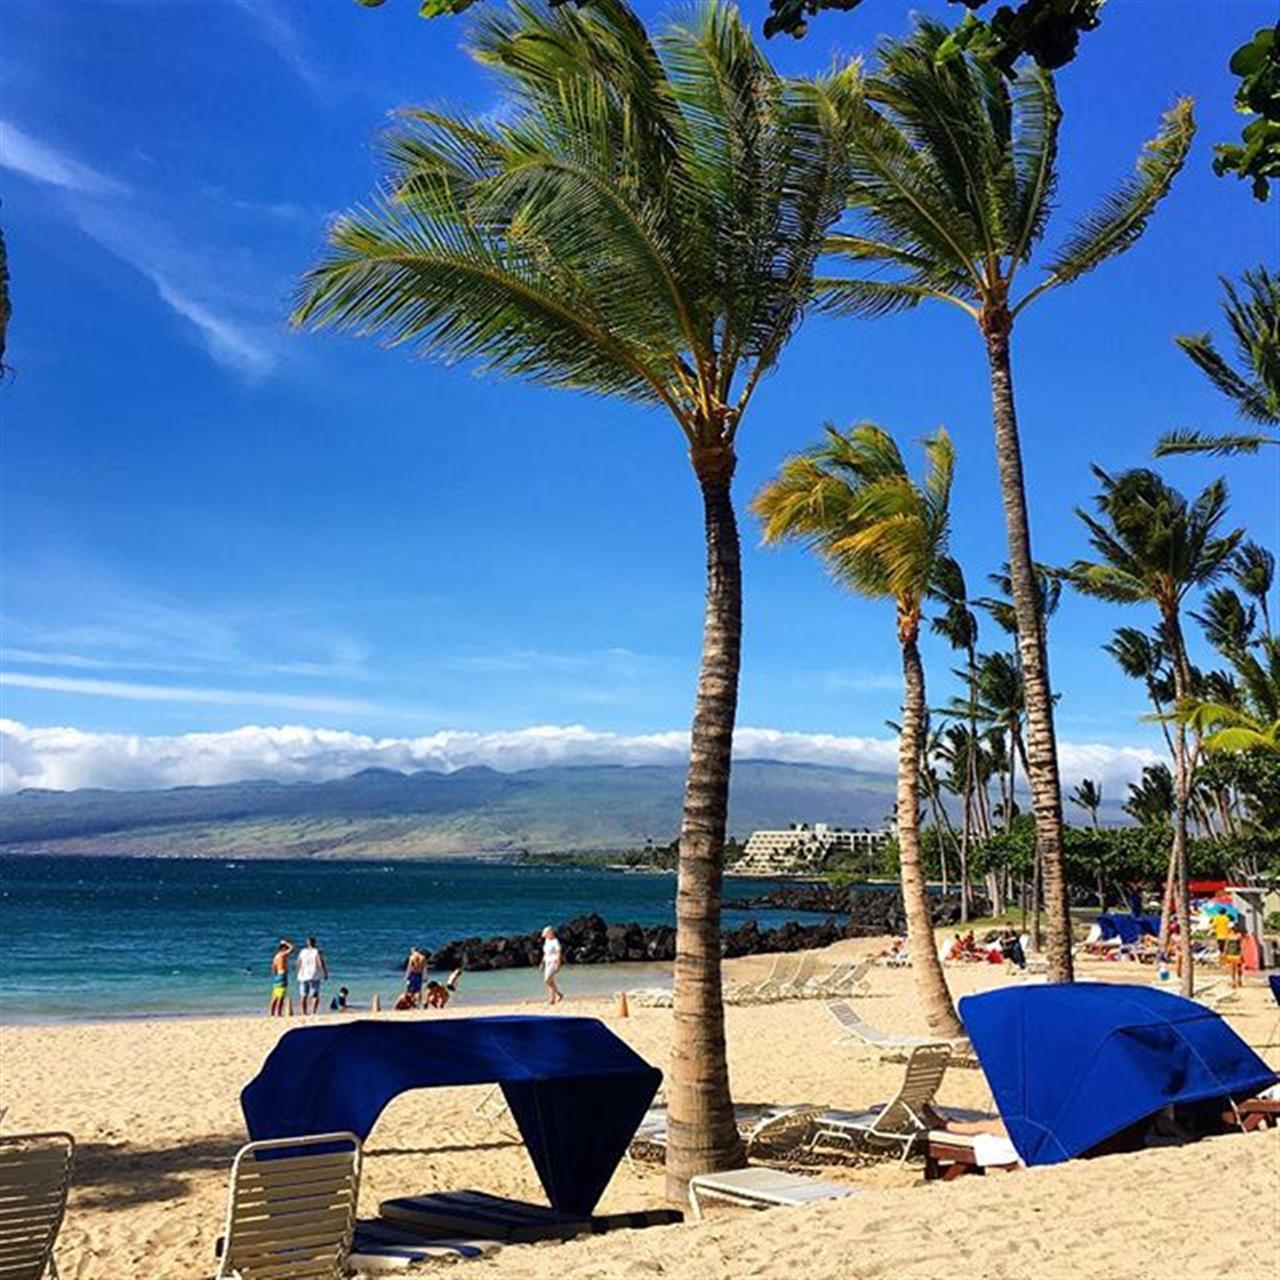 #beachclub fun at the #maunalani! Hawaii Life at its finest! ???